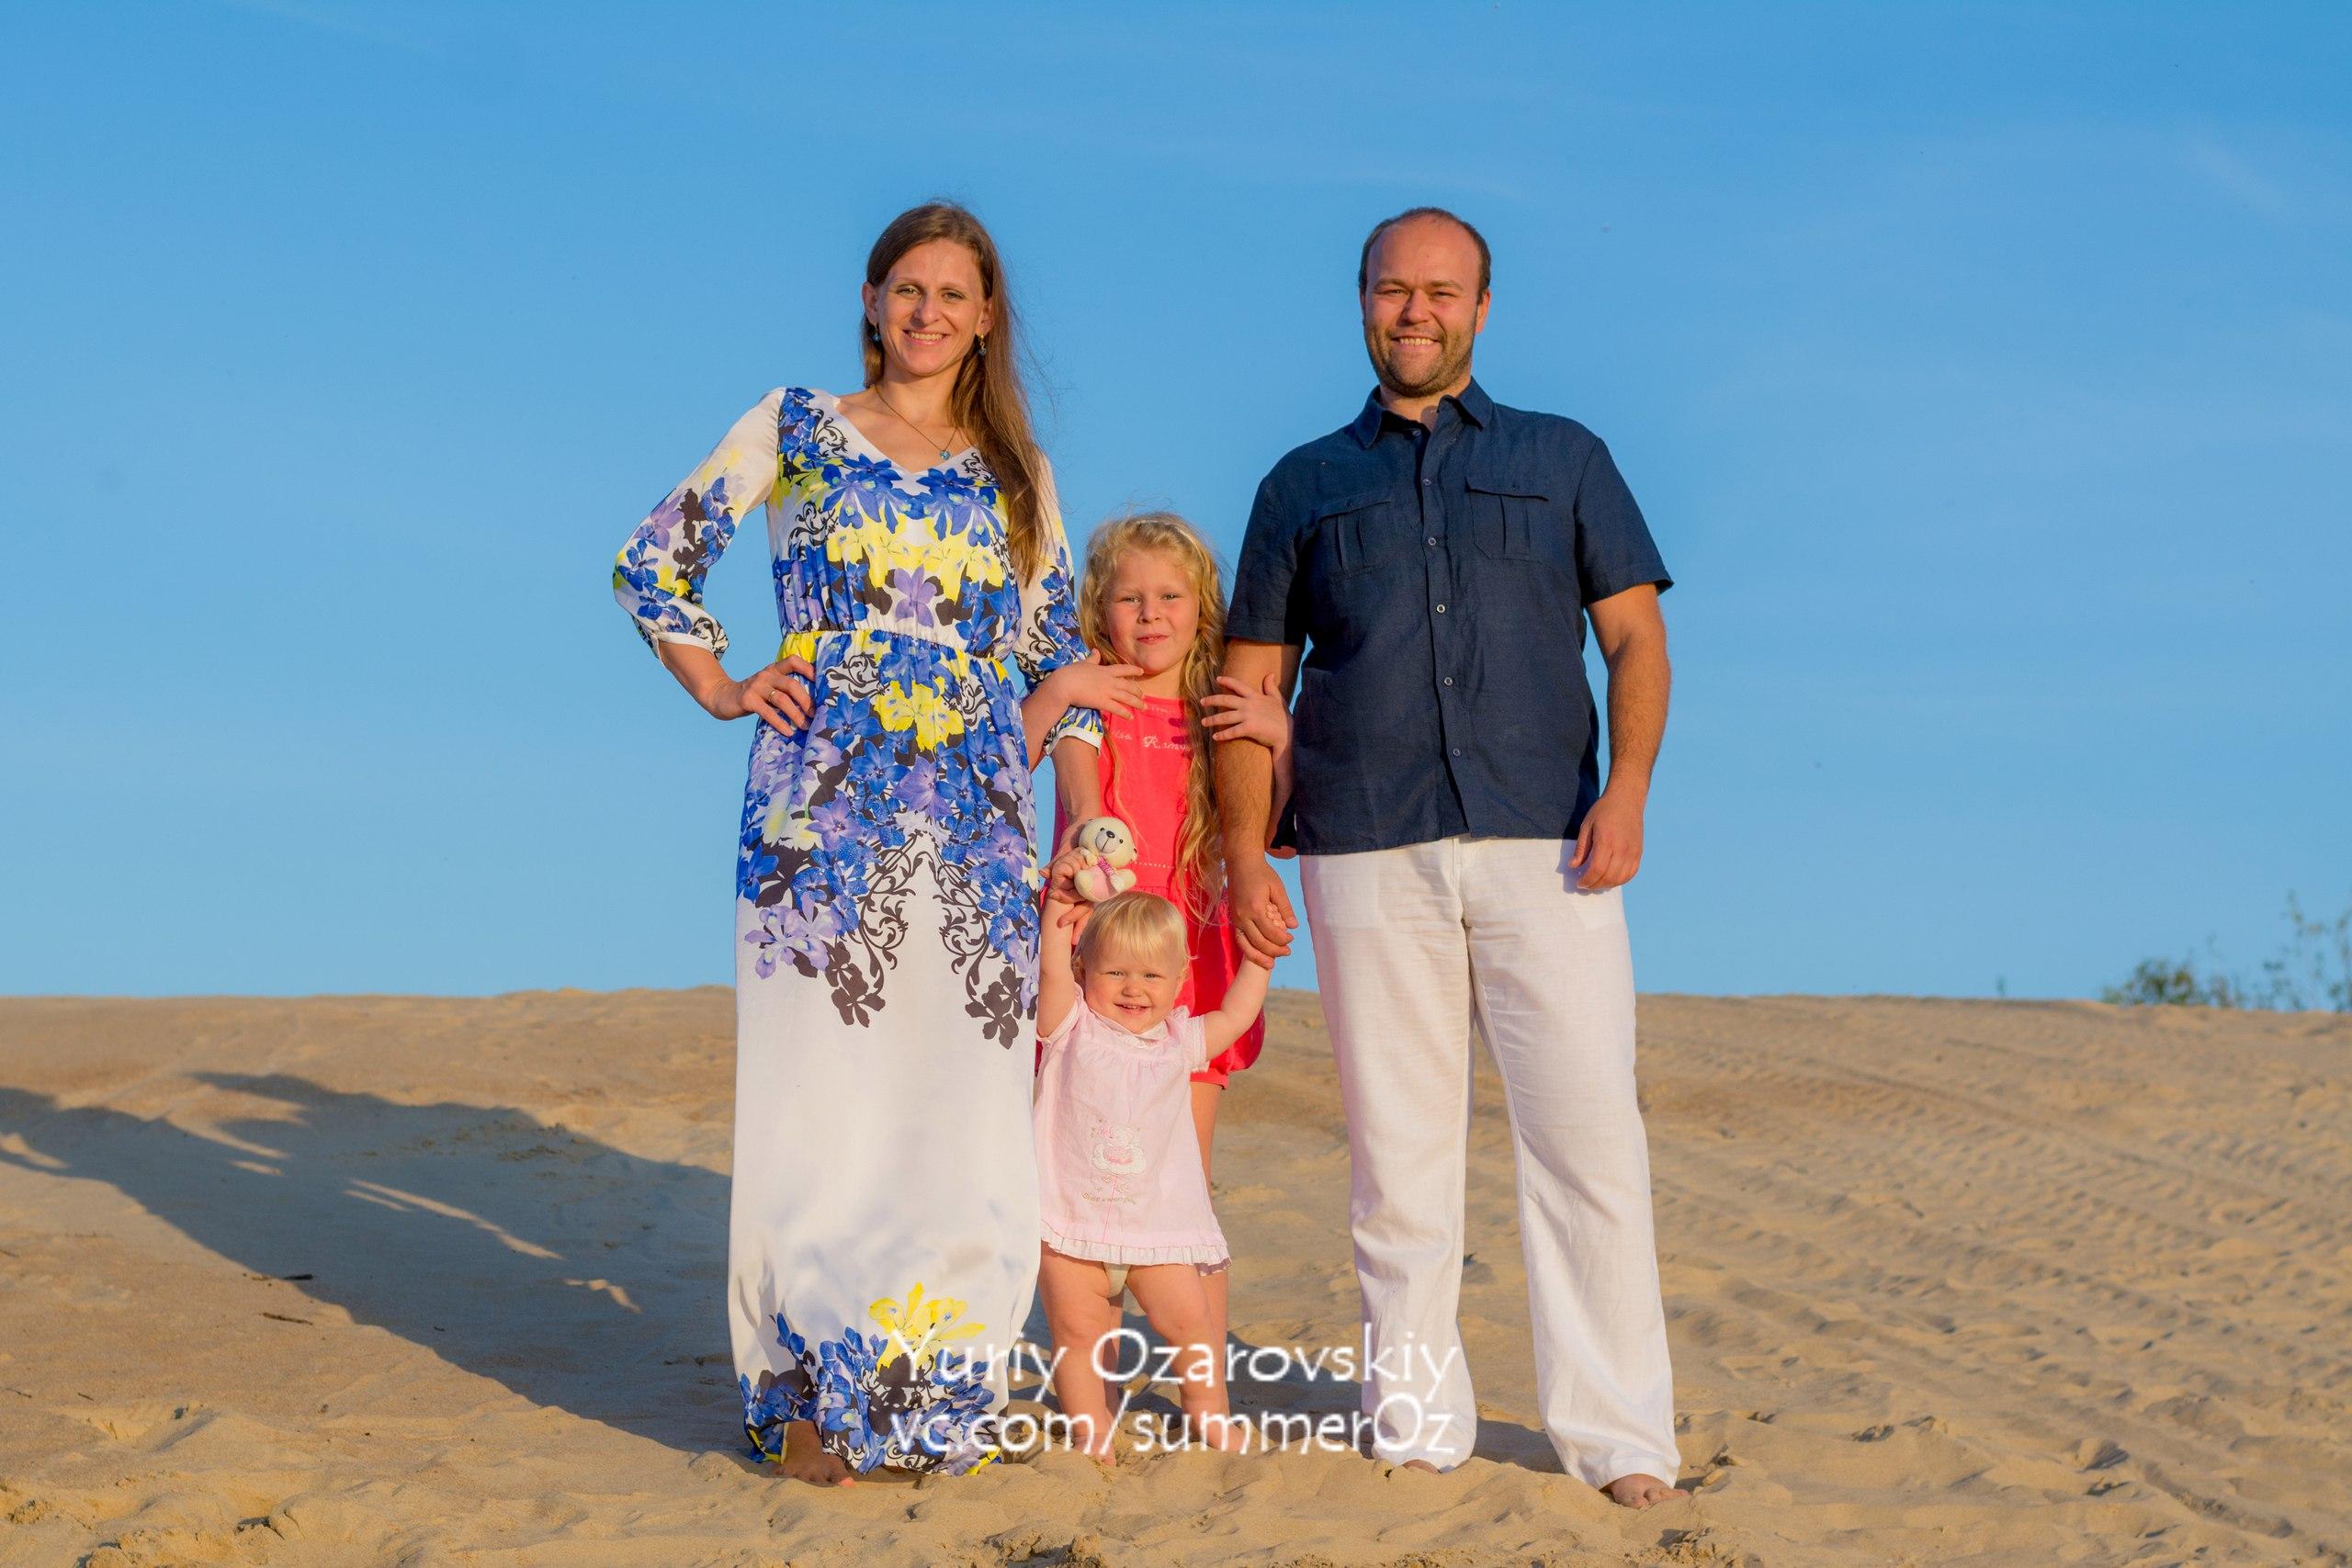 #ФотографАнапа #ФотографВитязево #Анапа #Витязево #свадьба #wedding #Джеметезаказ #фотосессии +79883337887 http://vk.com/summeroz